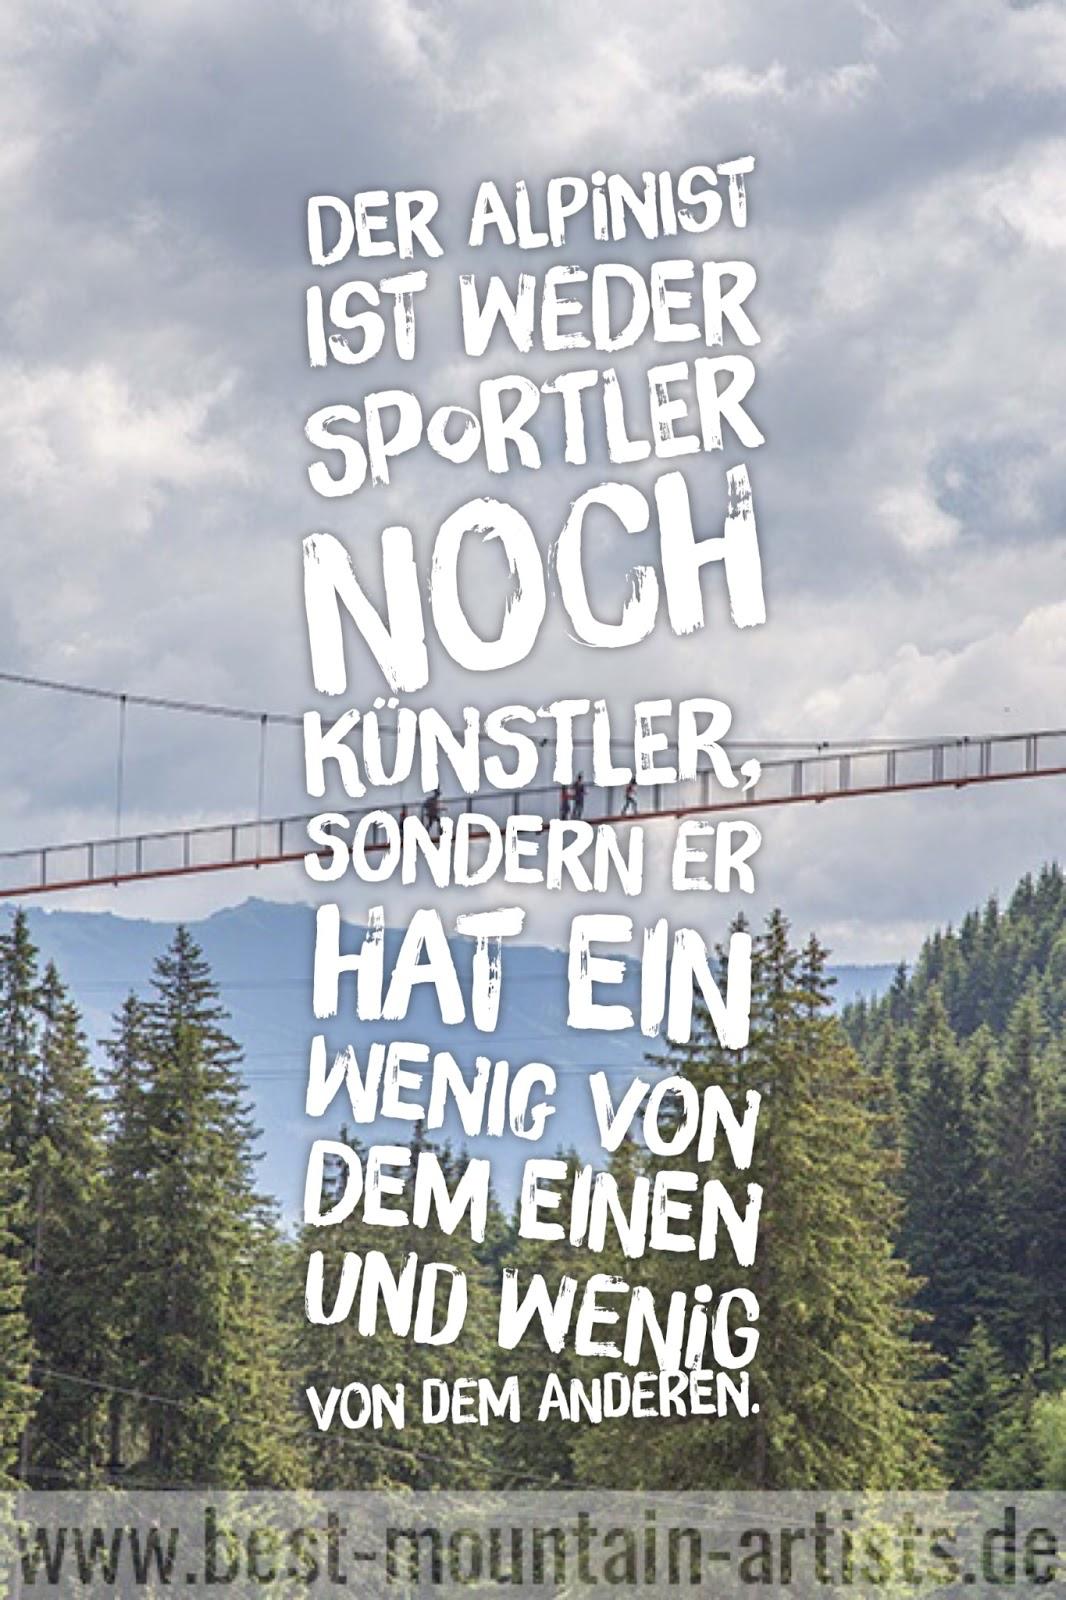 """""""Der Alpinist ist weder Sportler noch Künstler, sondern er hat ein wenig von dem einen und wenig von dem anderen."""" Gaston Rébuffat"""